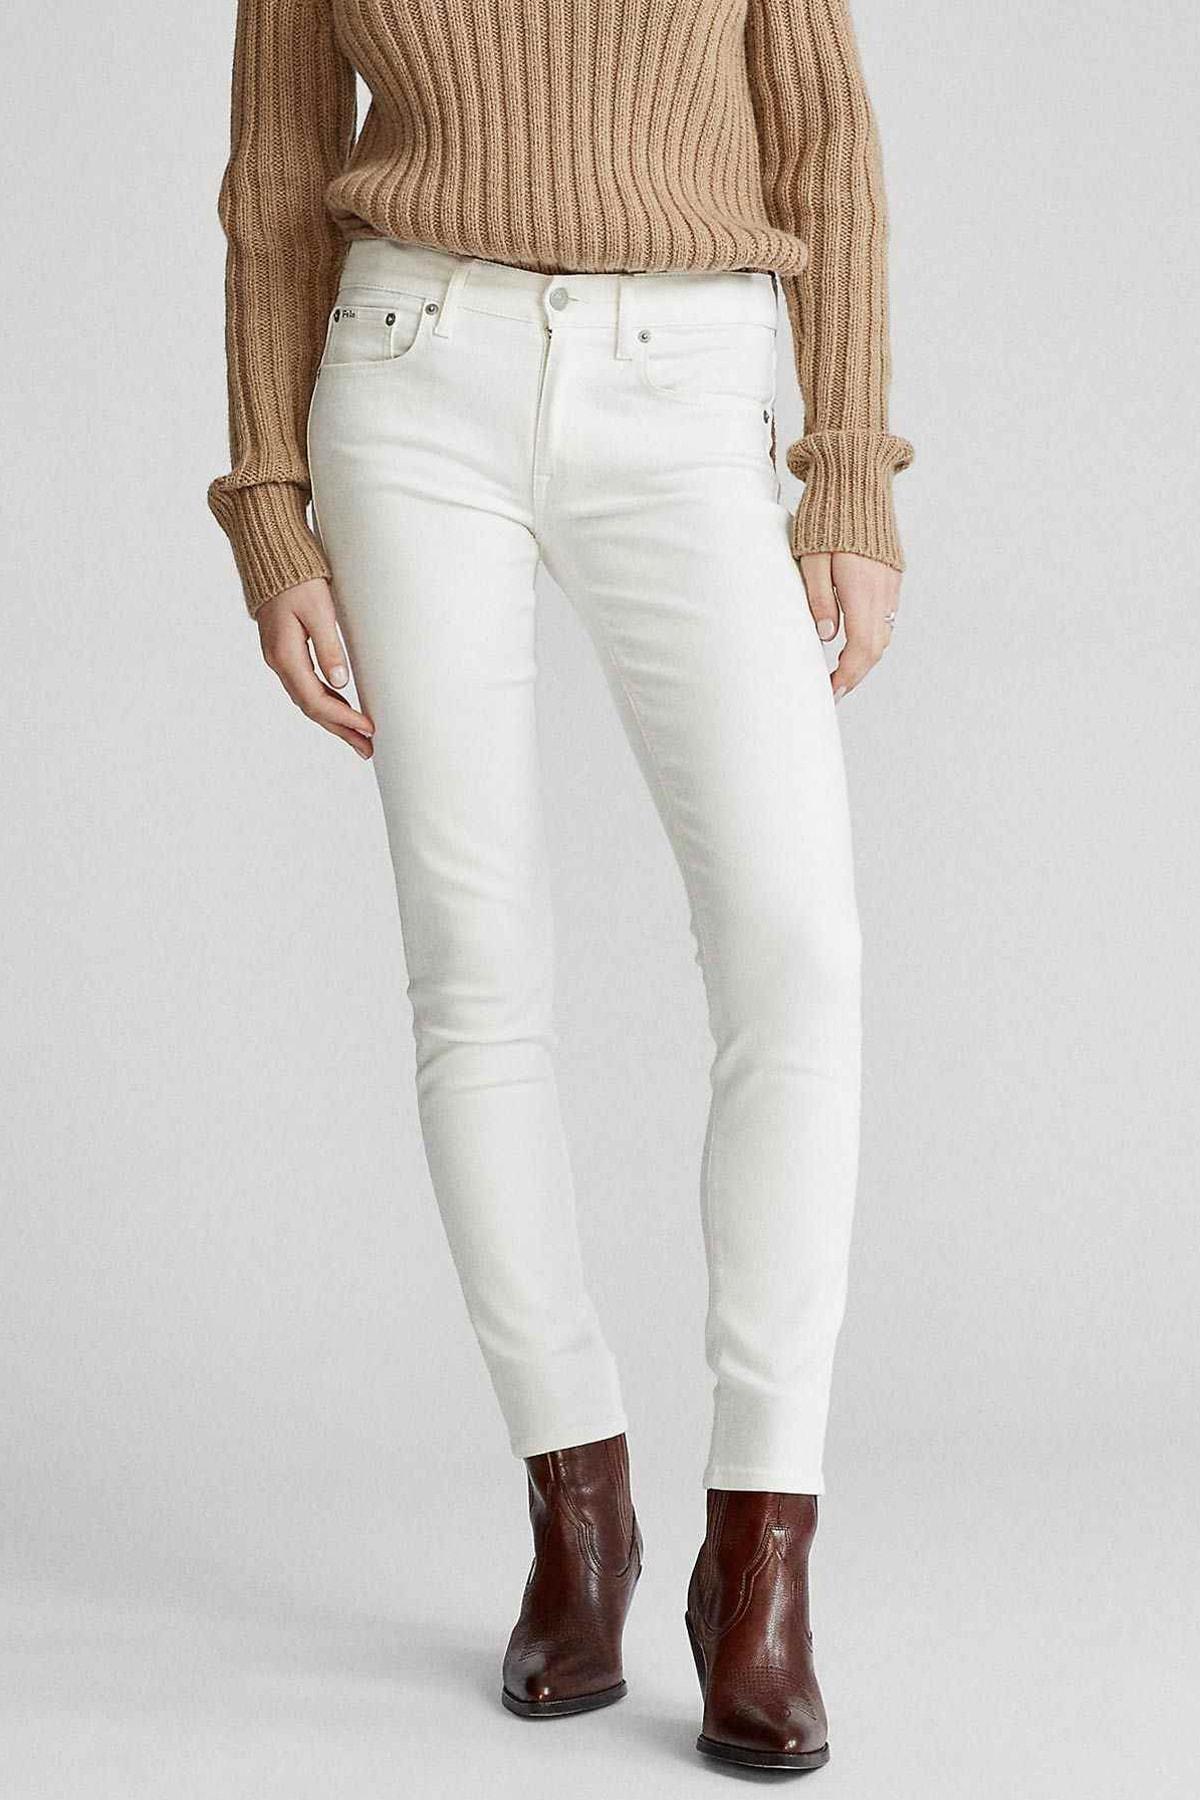 Polo Ralph Lauren Kadın Krem Jeans 4482832760884 2